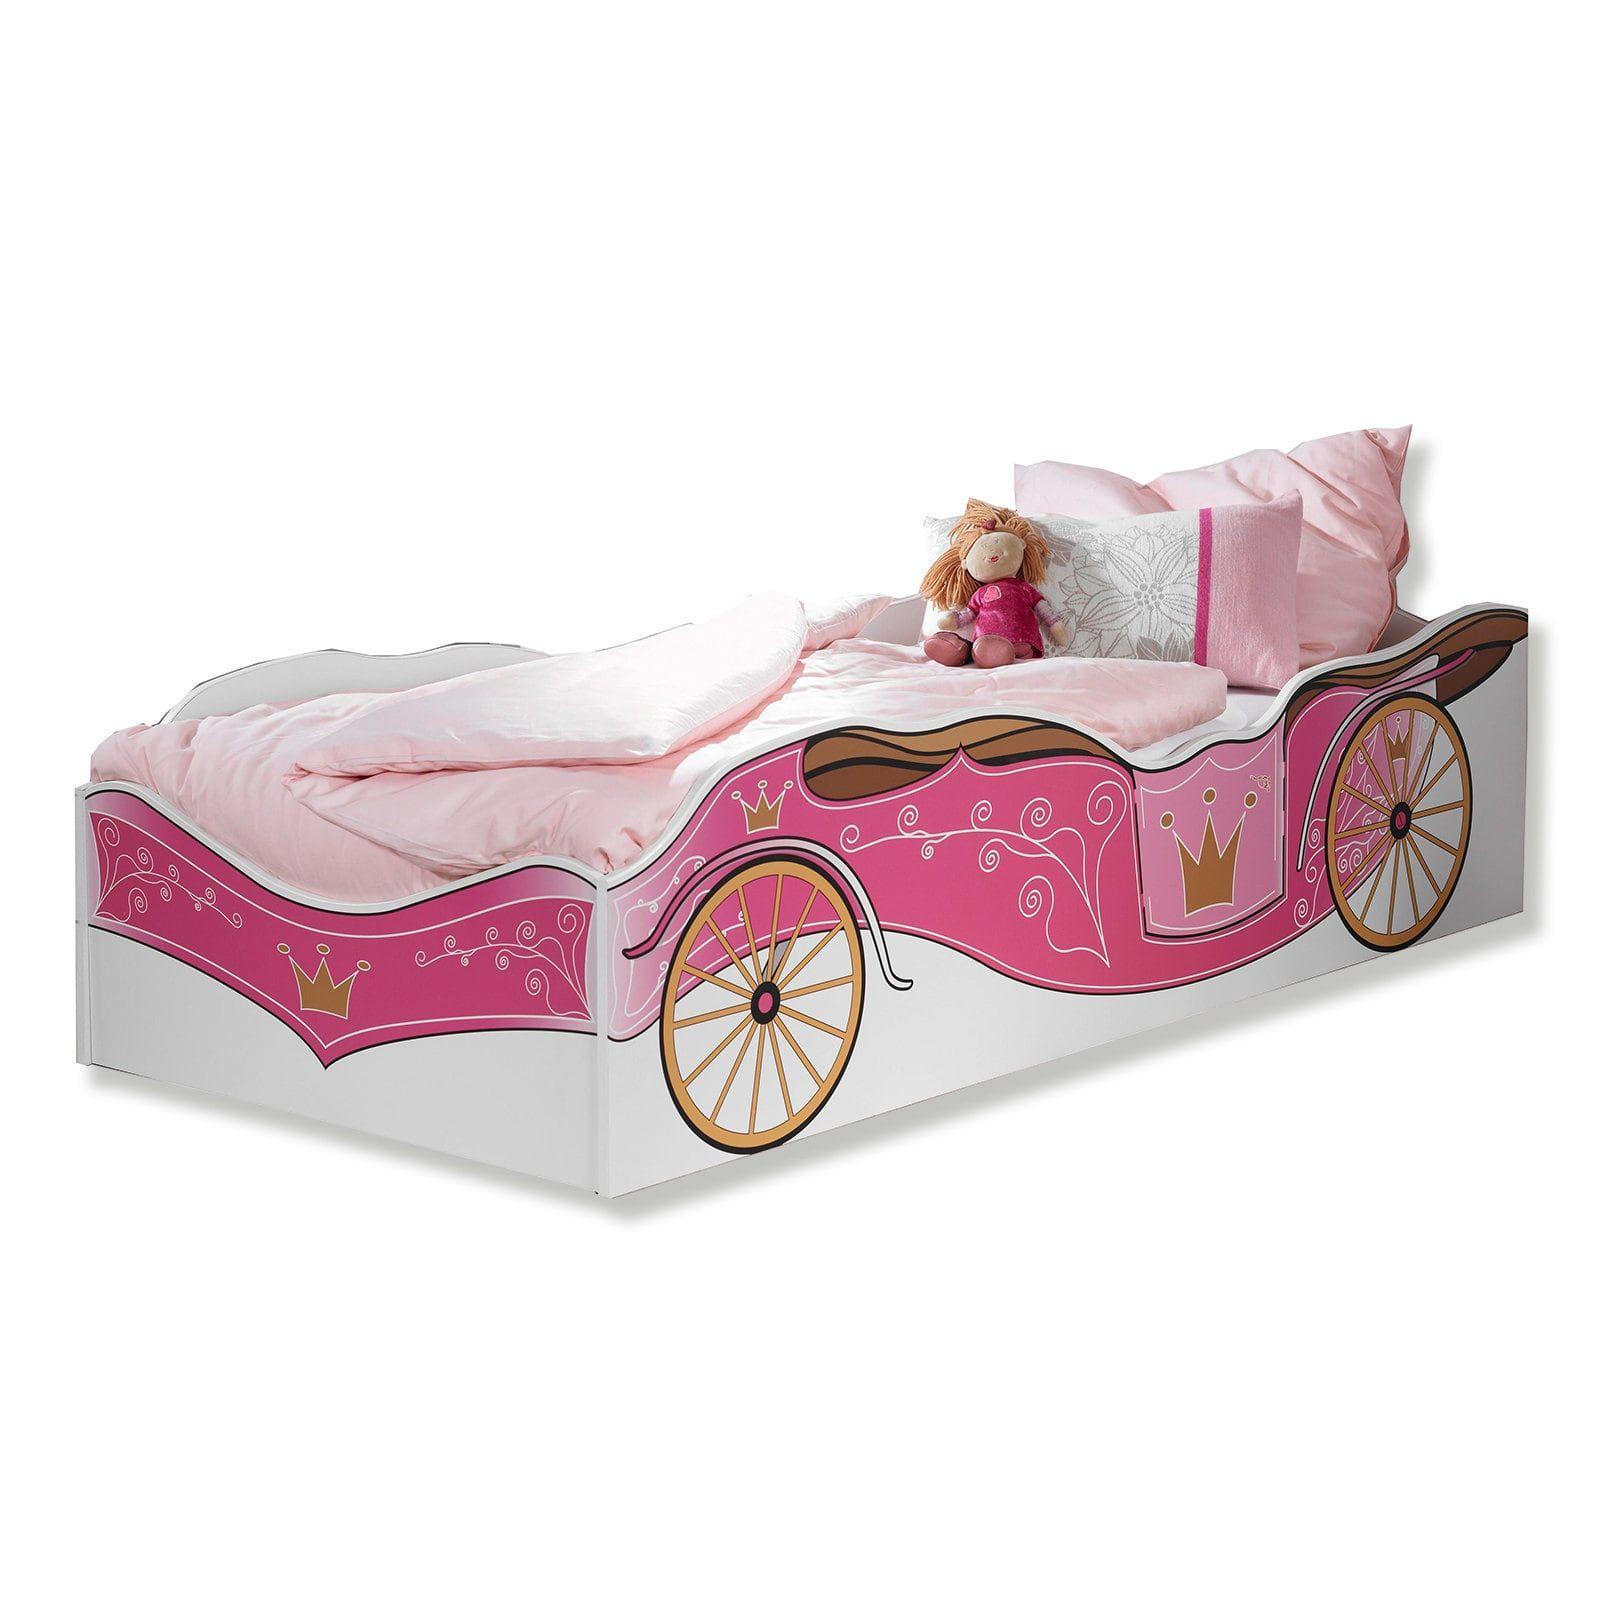 Full Size of Kinderbett Poco 18 Roller Mbel Kinderbetten Frisch Bett 140x200 Betten Küche Schlafzimmer Komplett Big Sofa Wohnzimmer Kinderbett Poco